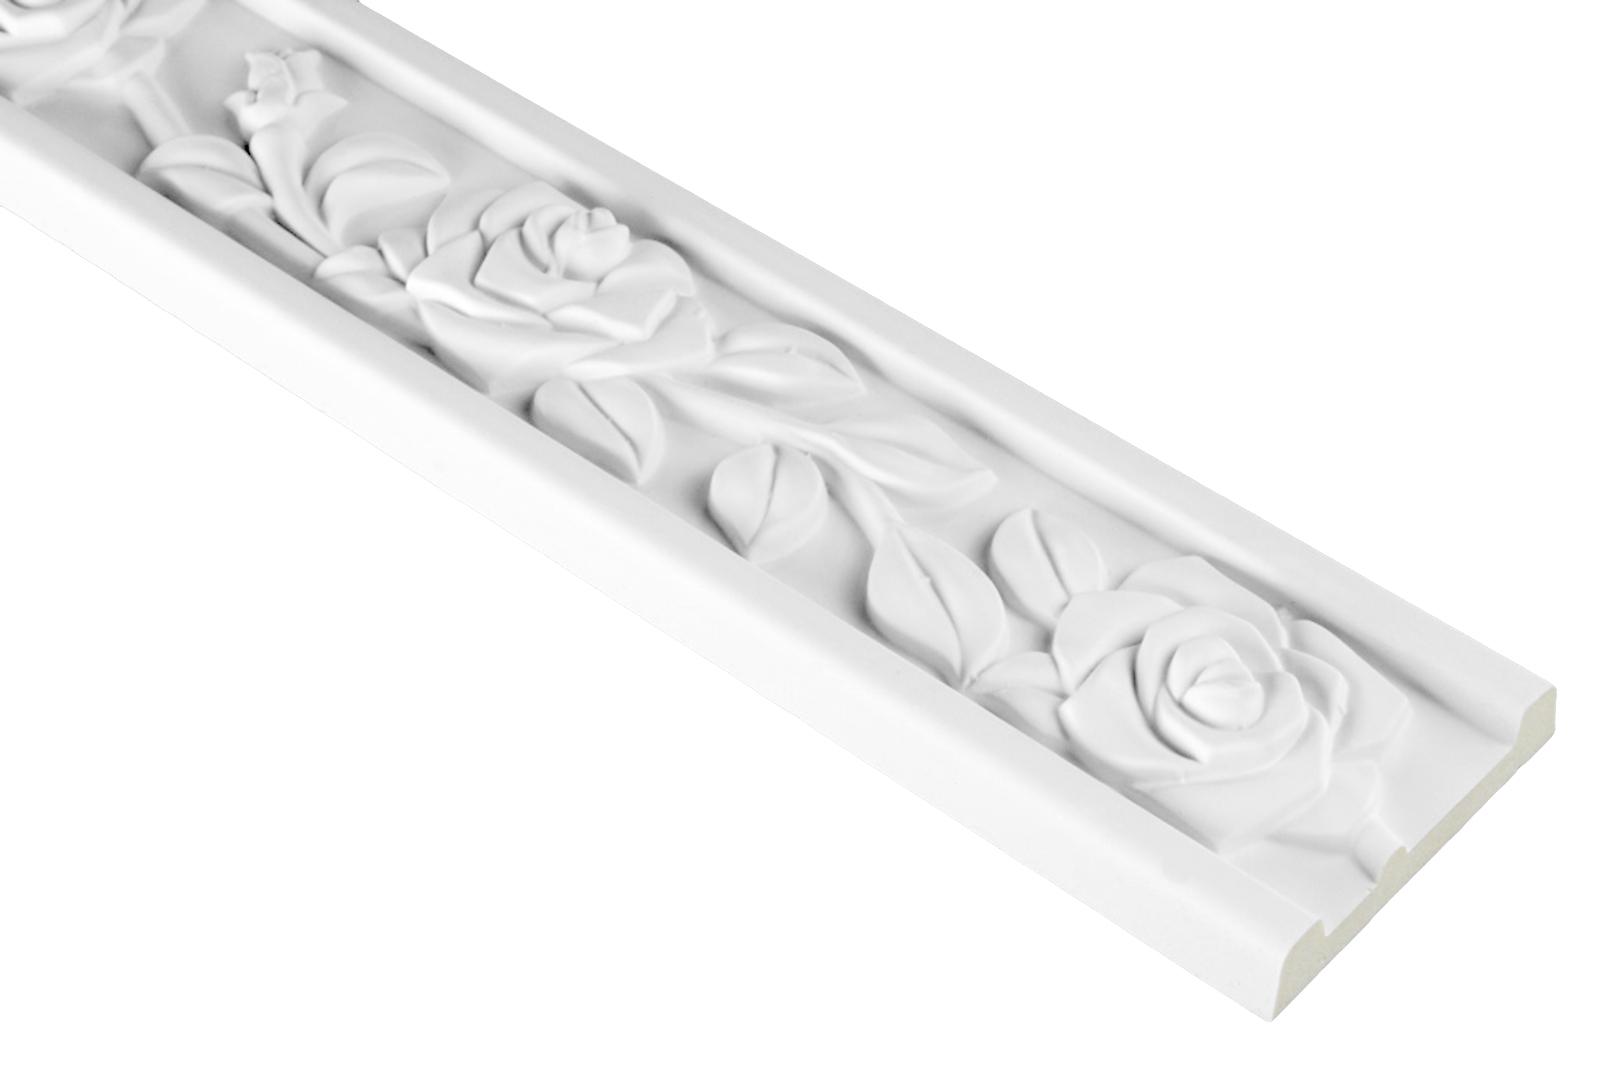 2 Meter PU Flachprofil Leiste Wand Dekor Stuck sto/ßfest 103x18mm FH9125